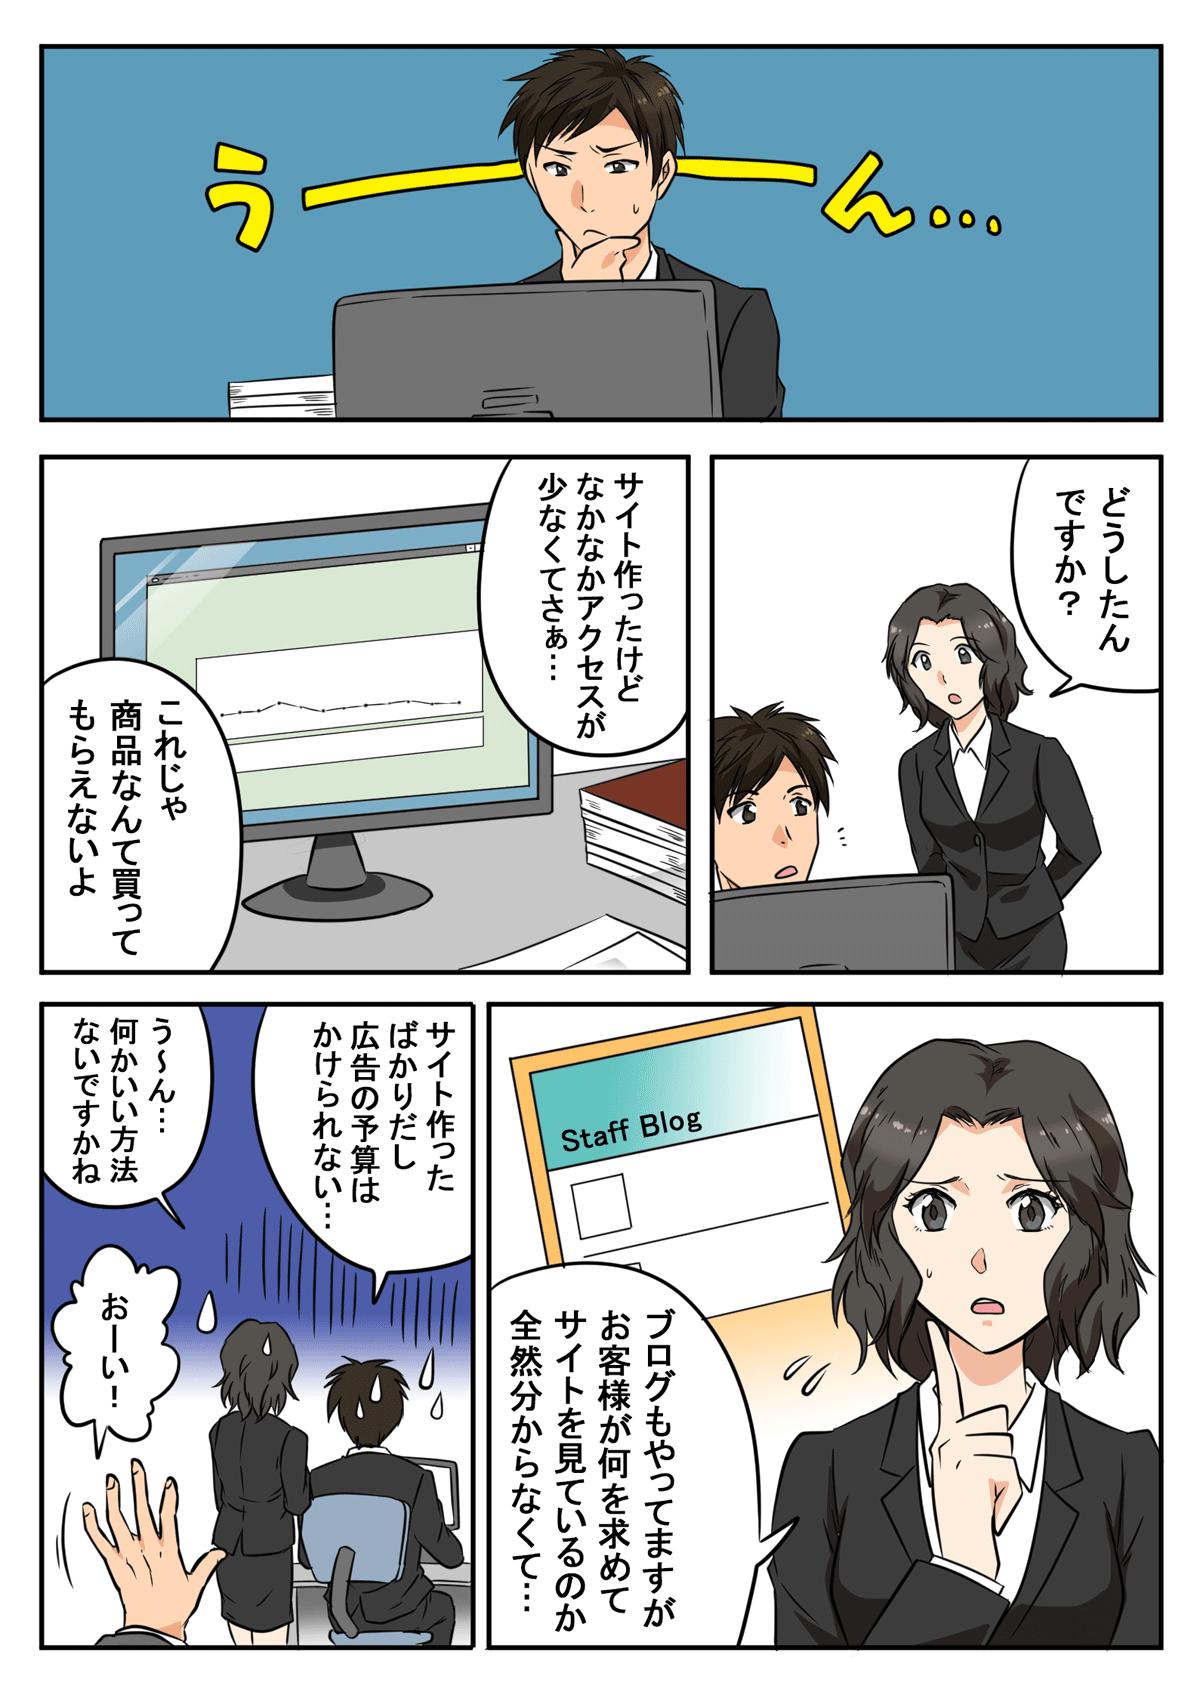 コンテンツマーケティング漫画